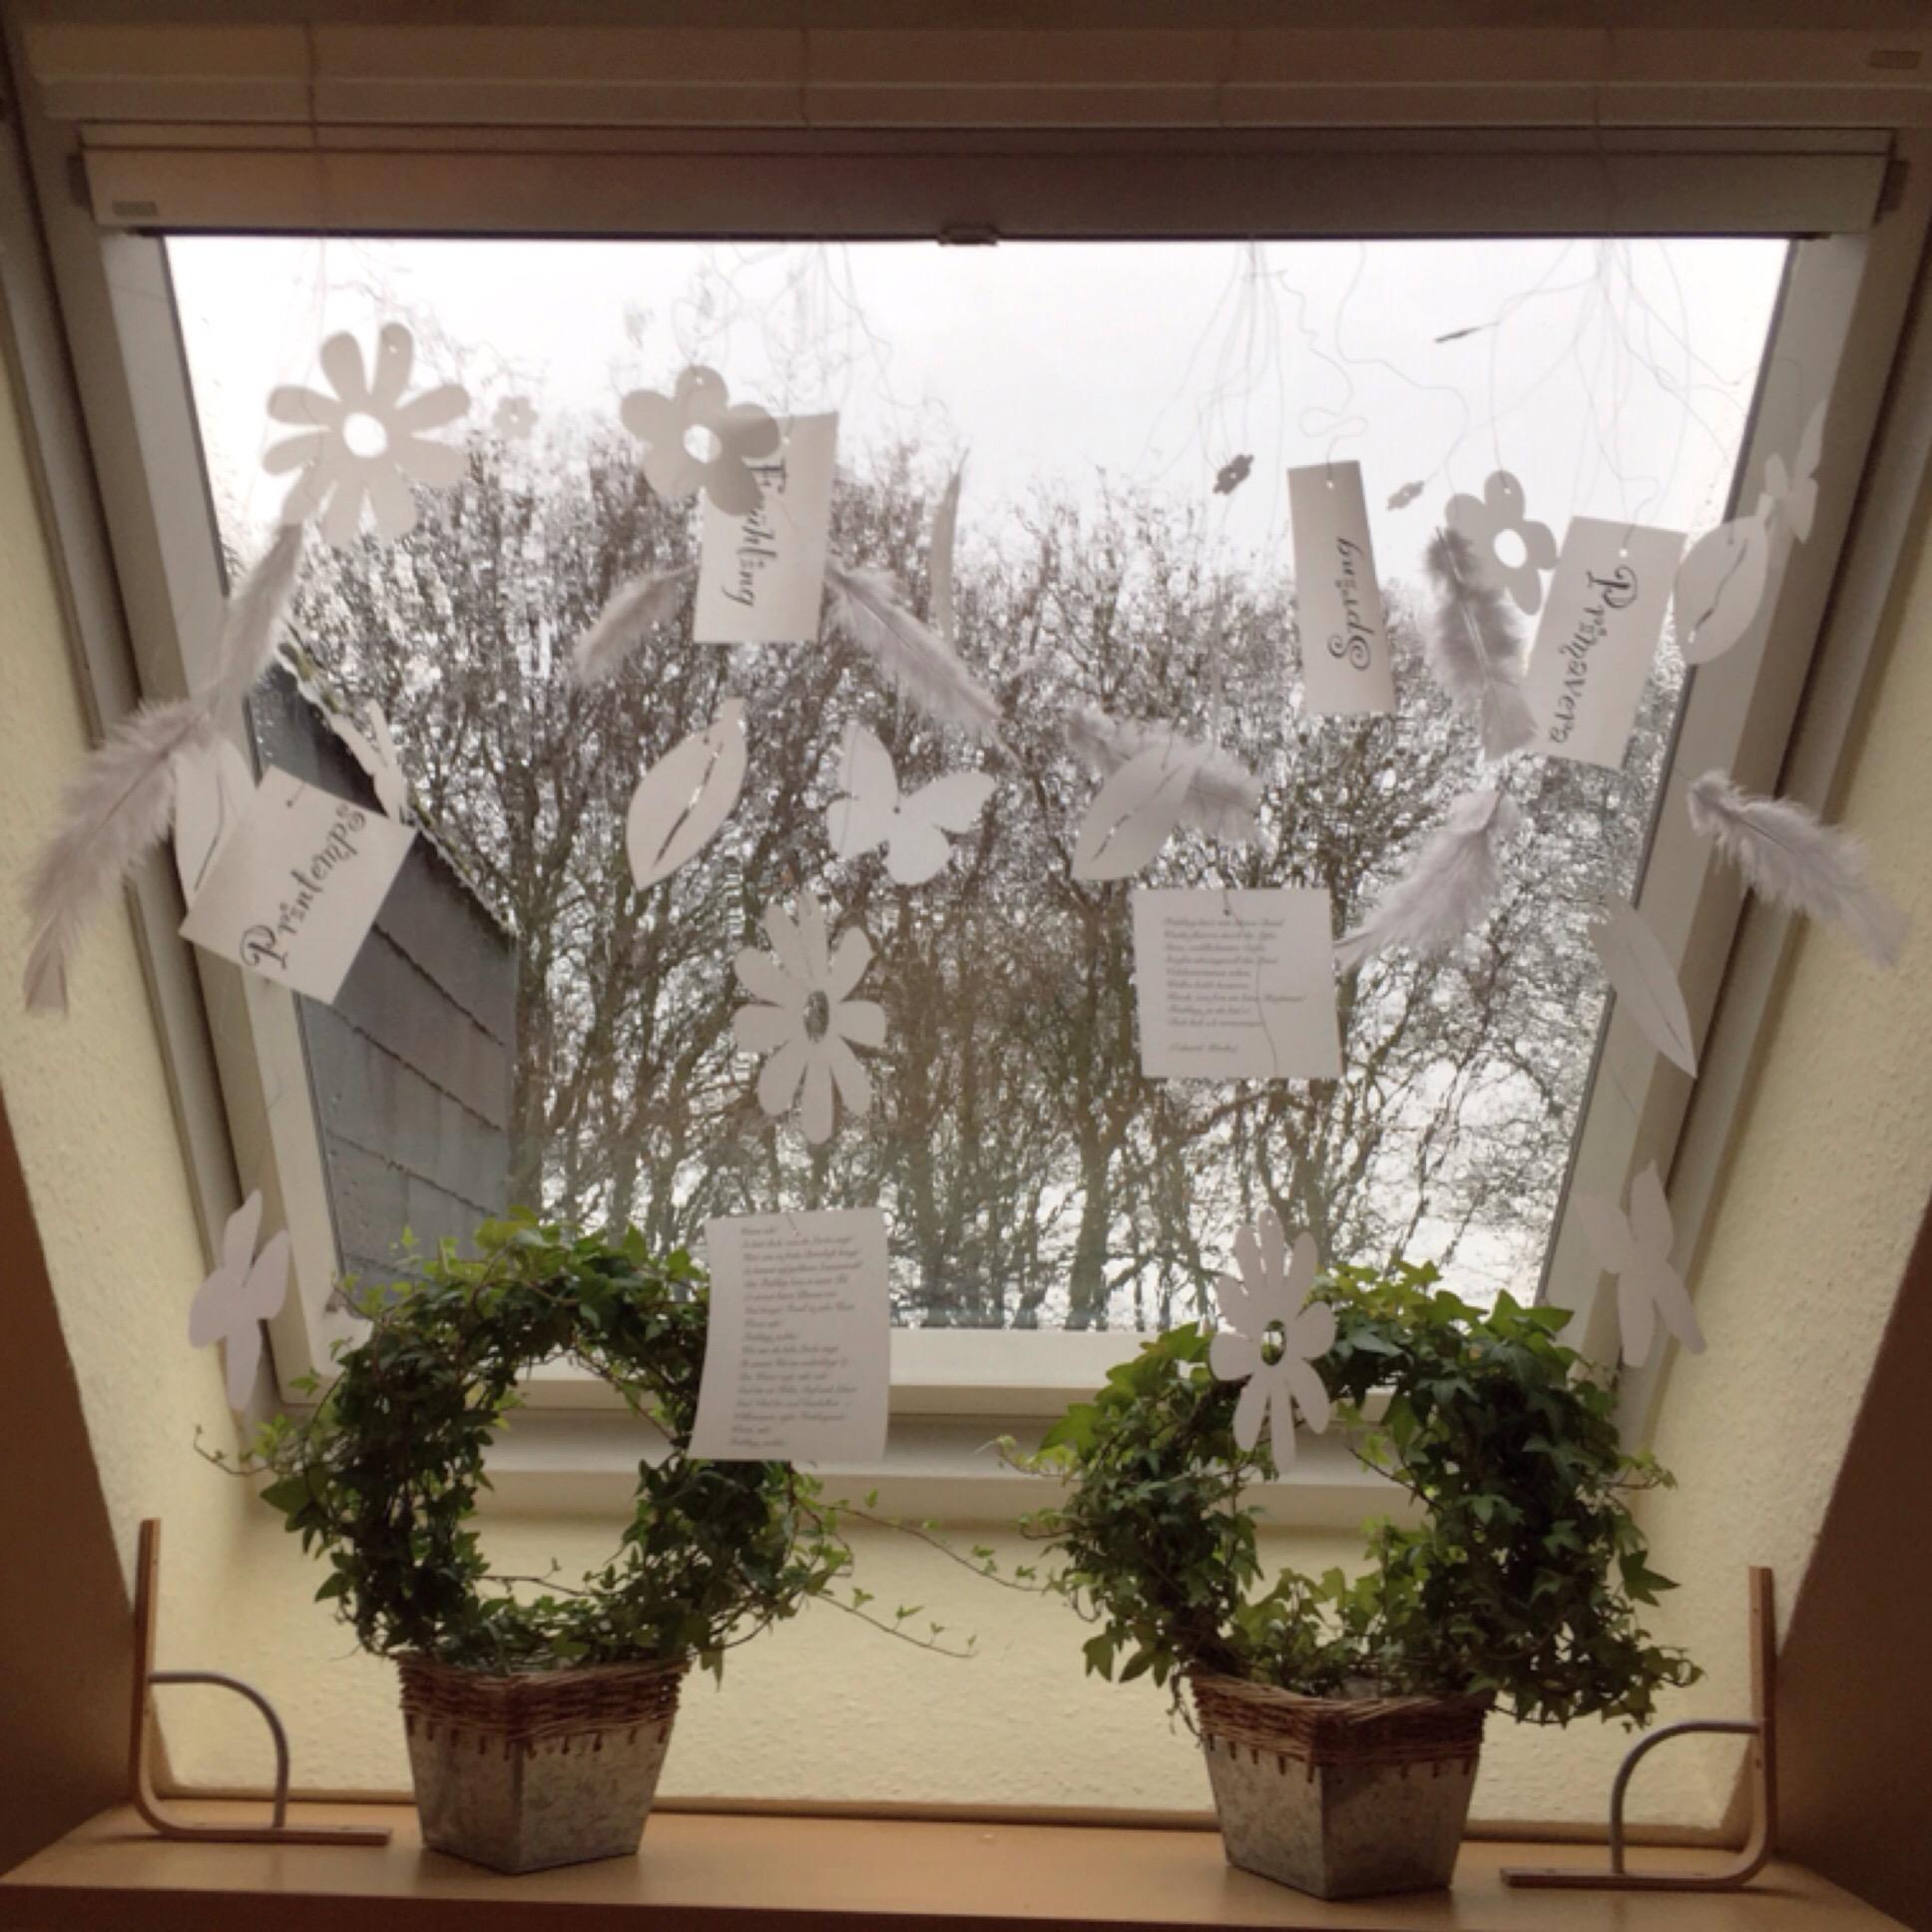 Springtime in White – oder – Am Fenster hängt der Frühling am ...